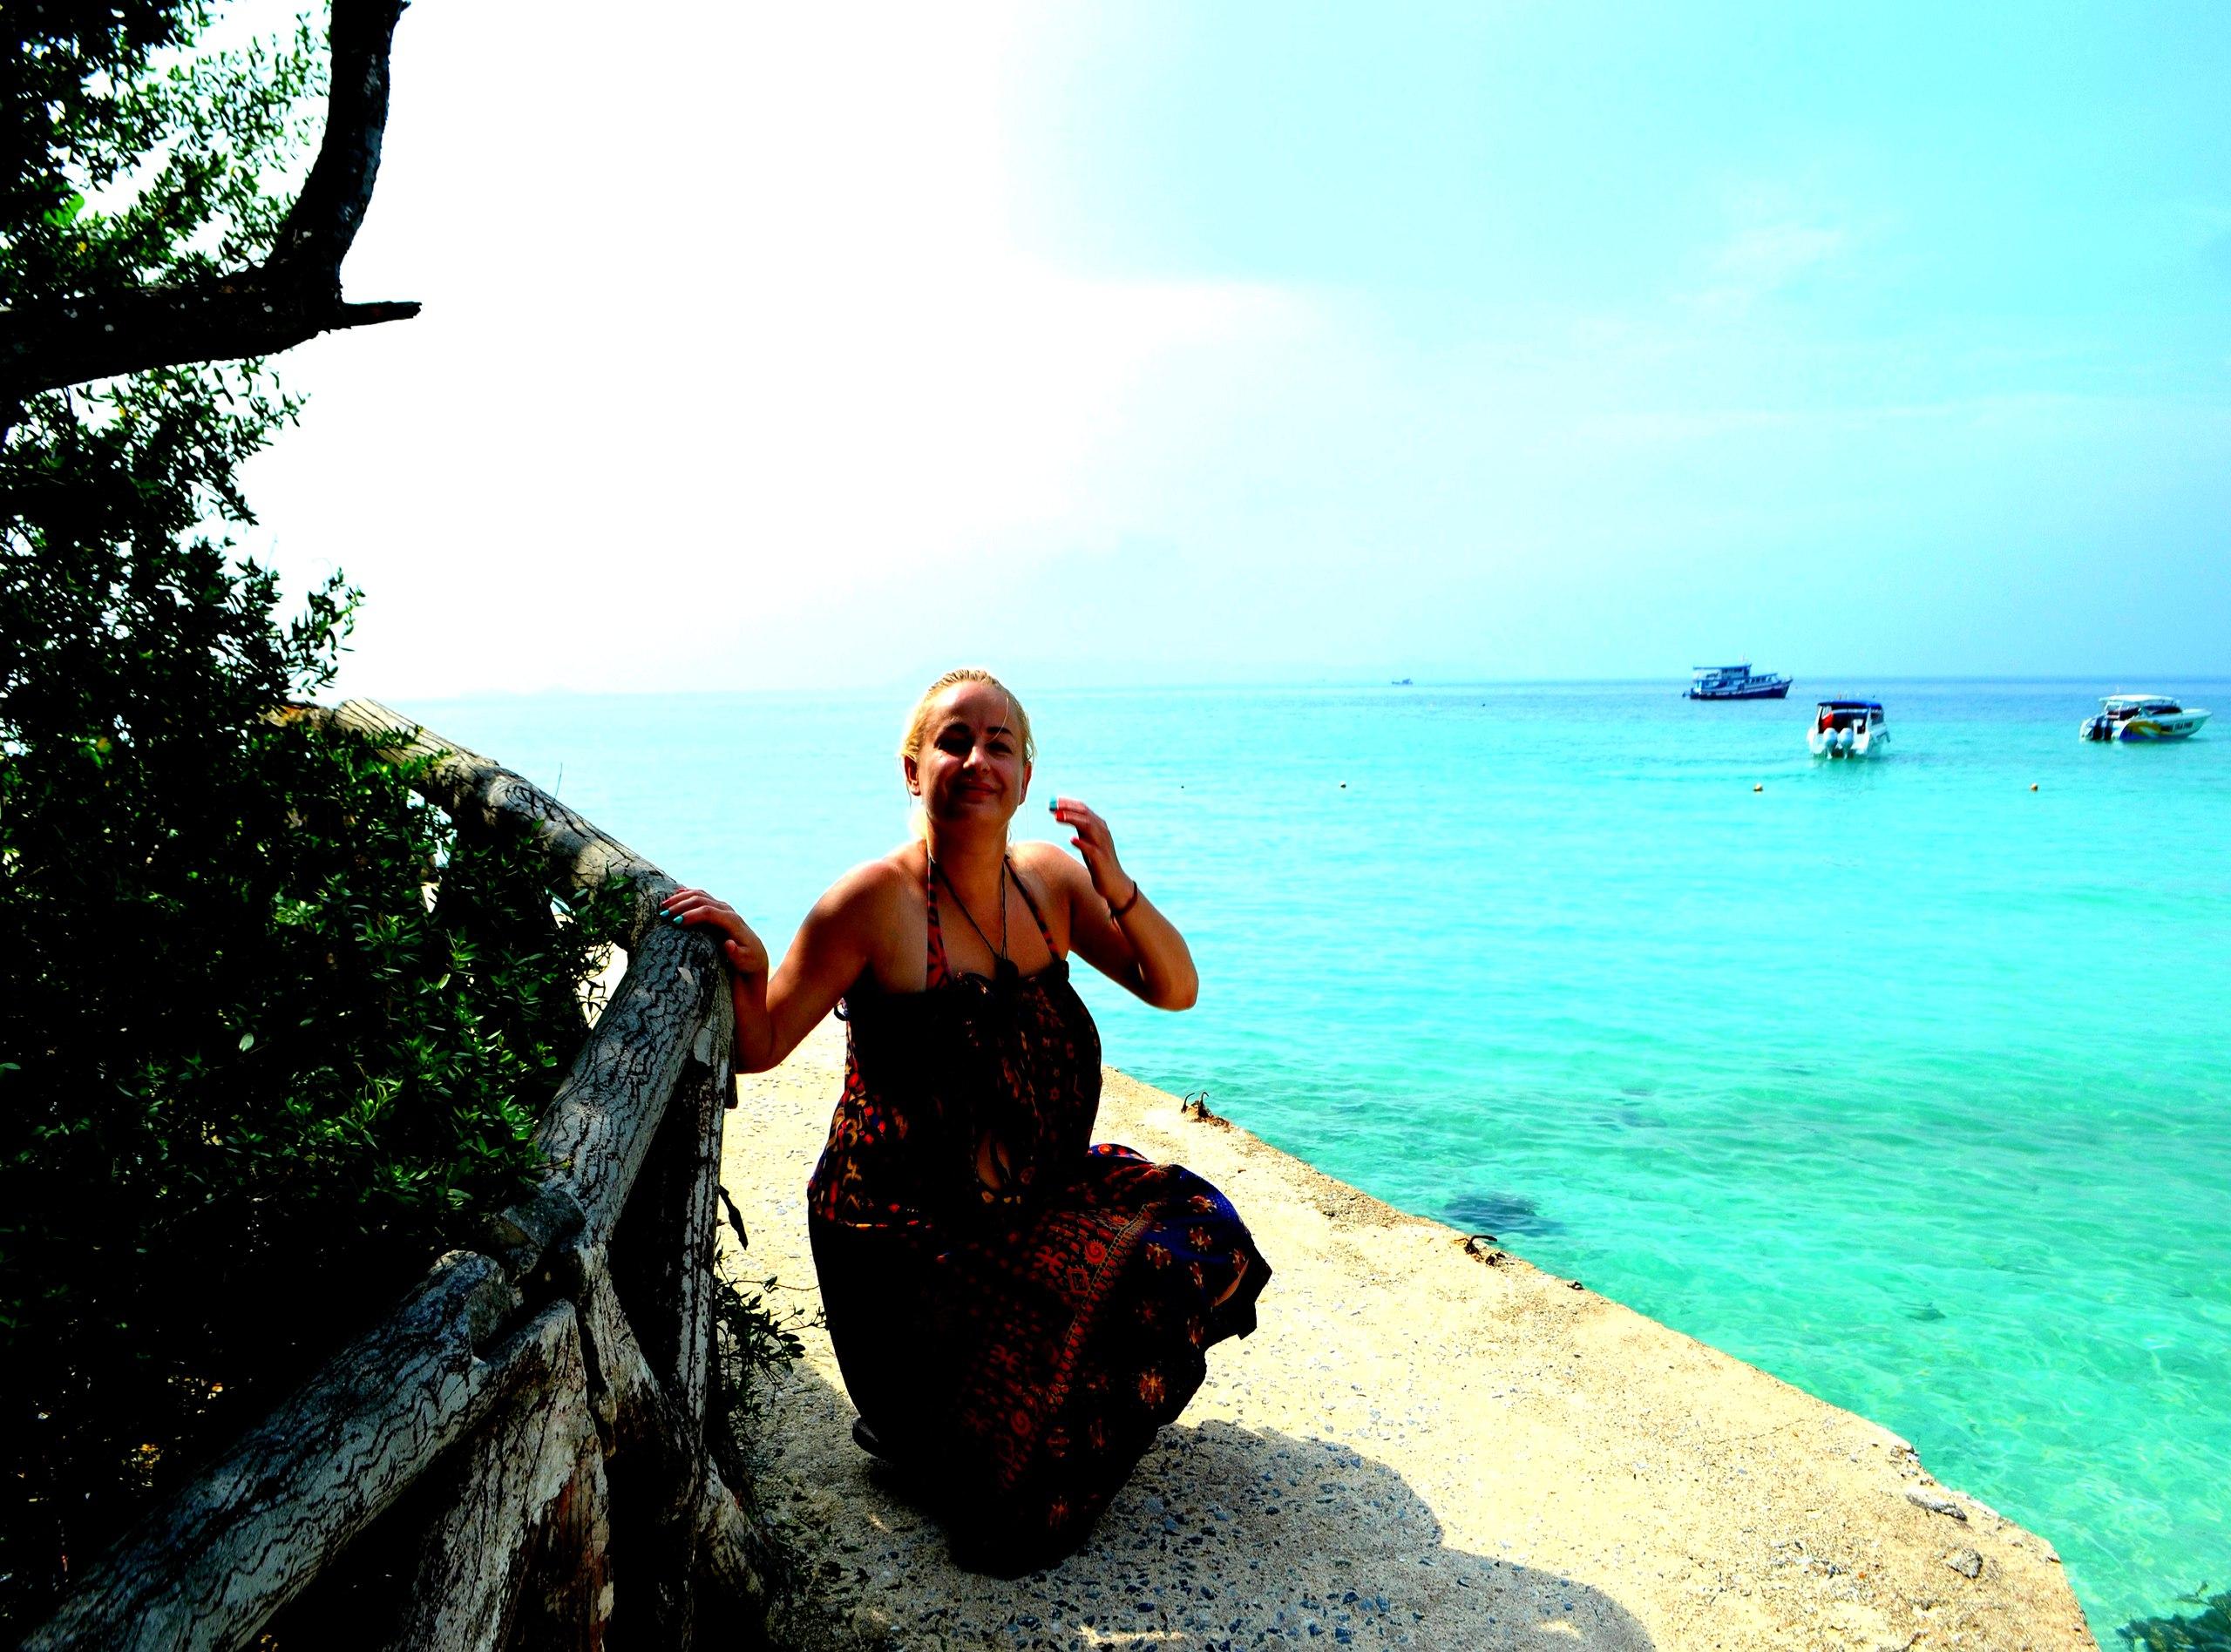 никосия - Елена Руденко. Мои путешествия (фото/видео) - Страница 3 JVG4FVbx6r8